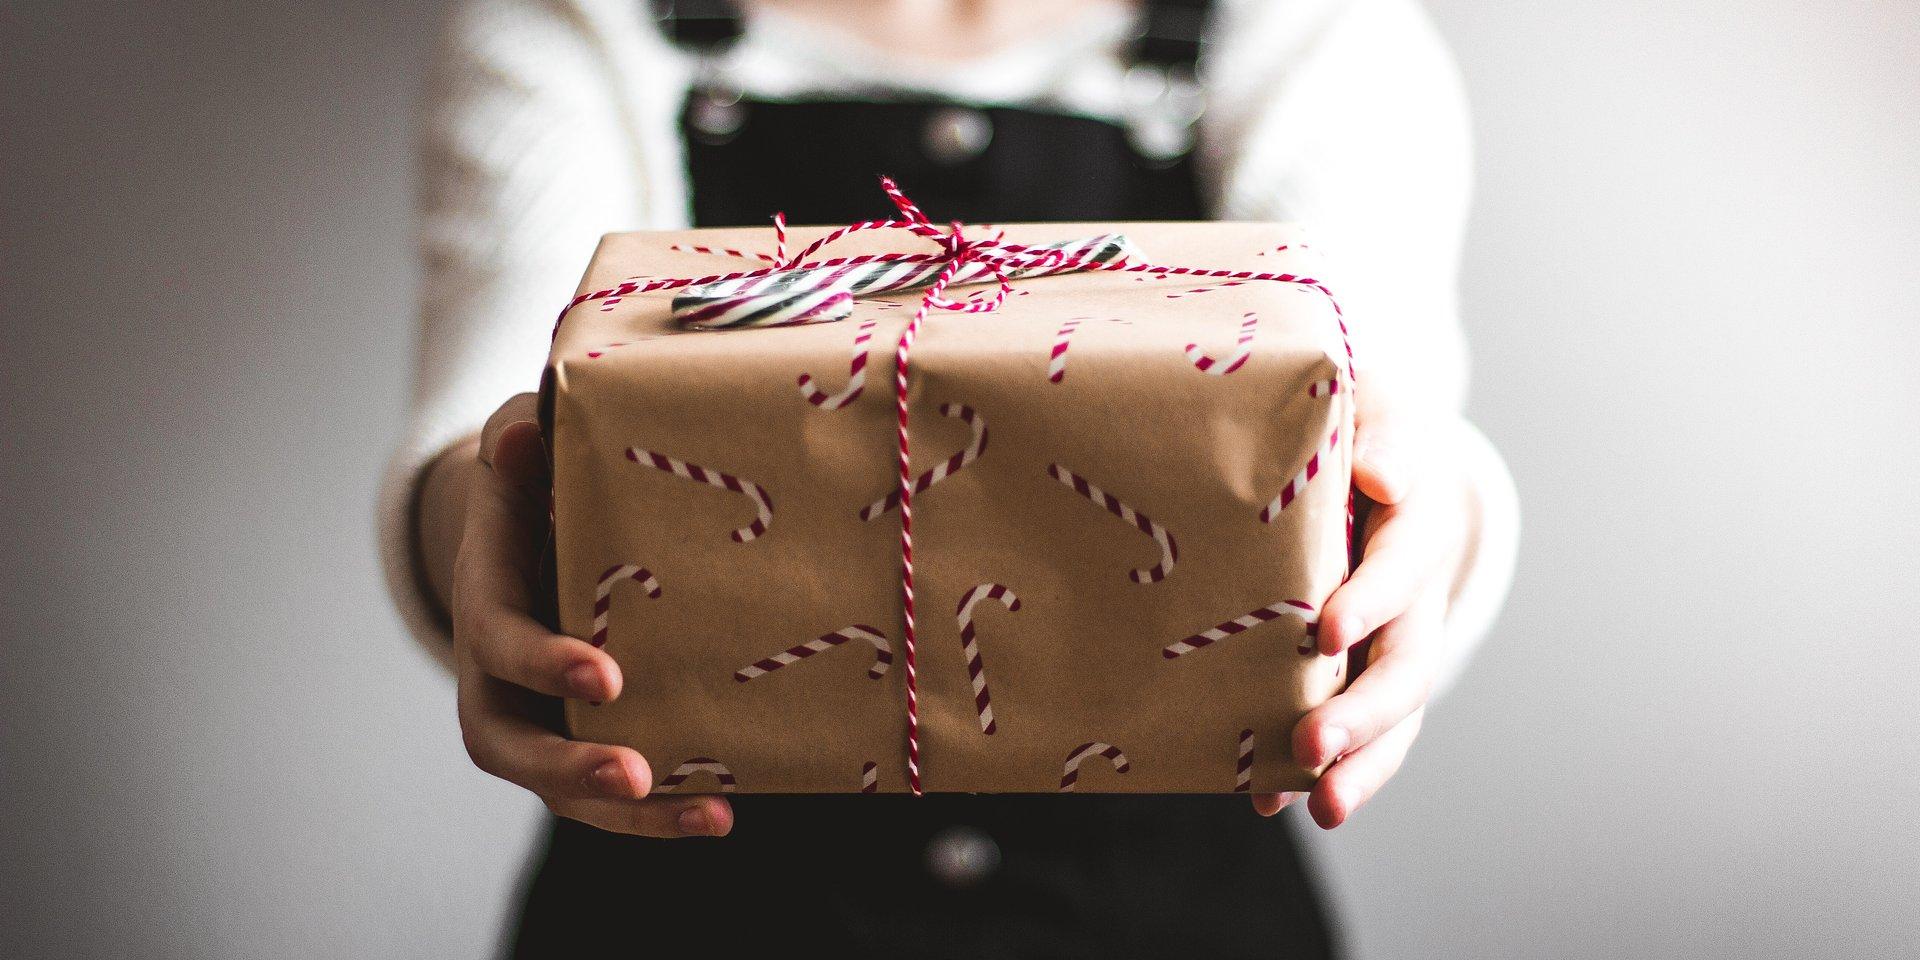 Idealny prezent świąteczny – czyli jaki? Polacy cenią praktyczne upominki